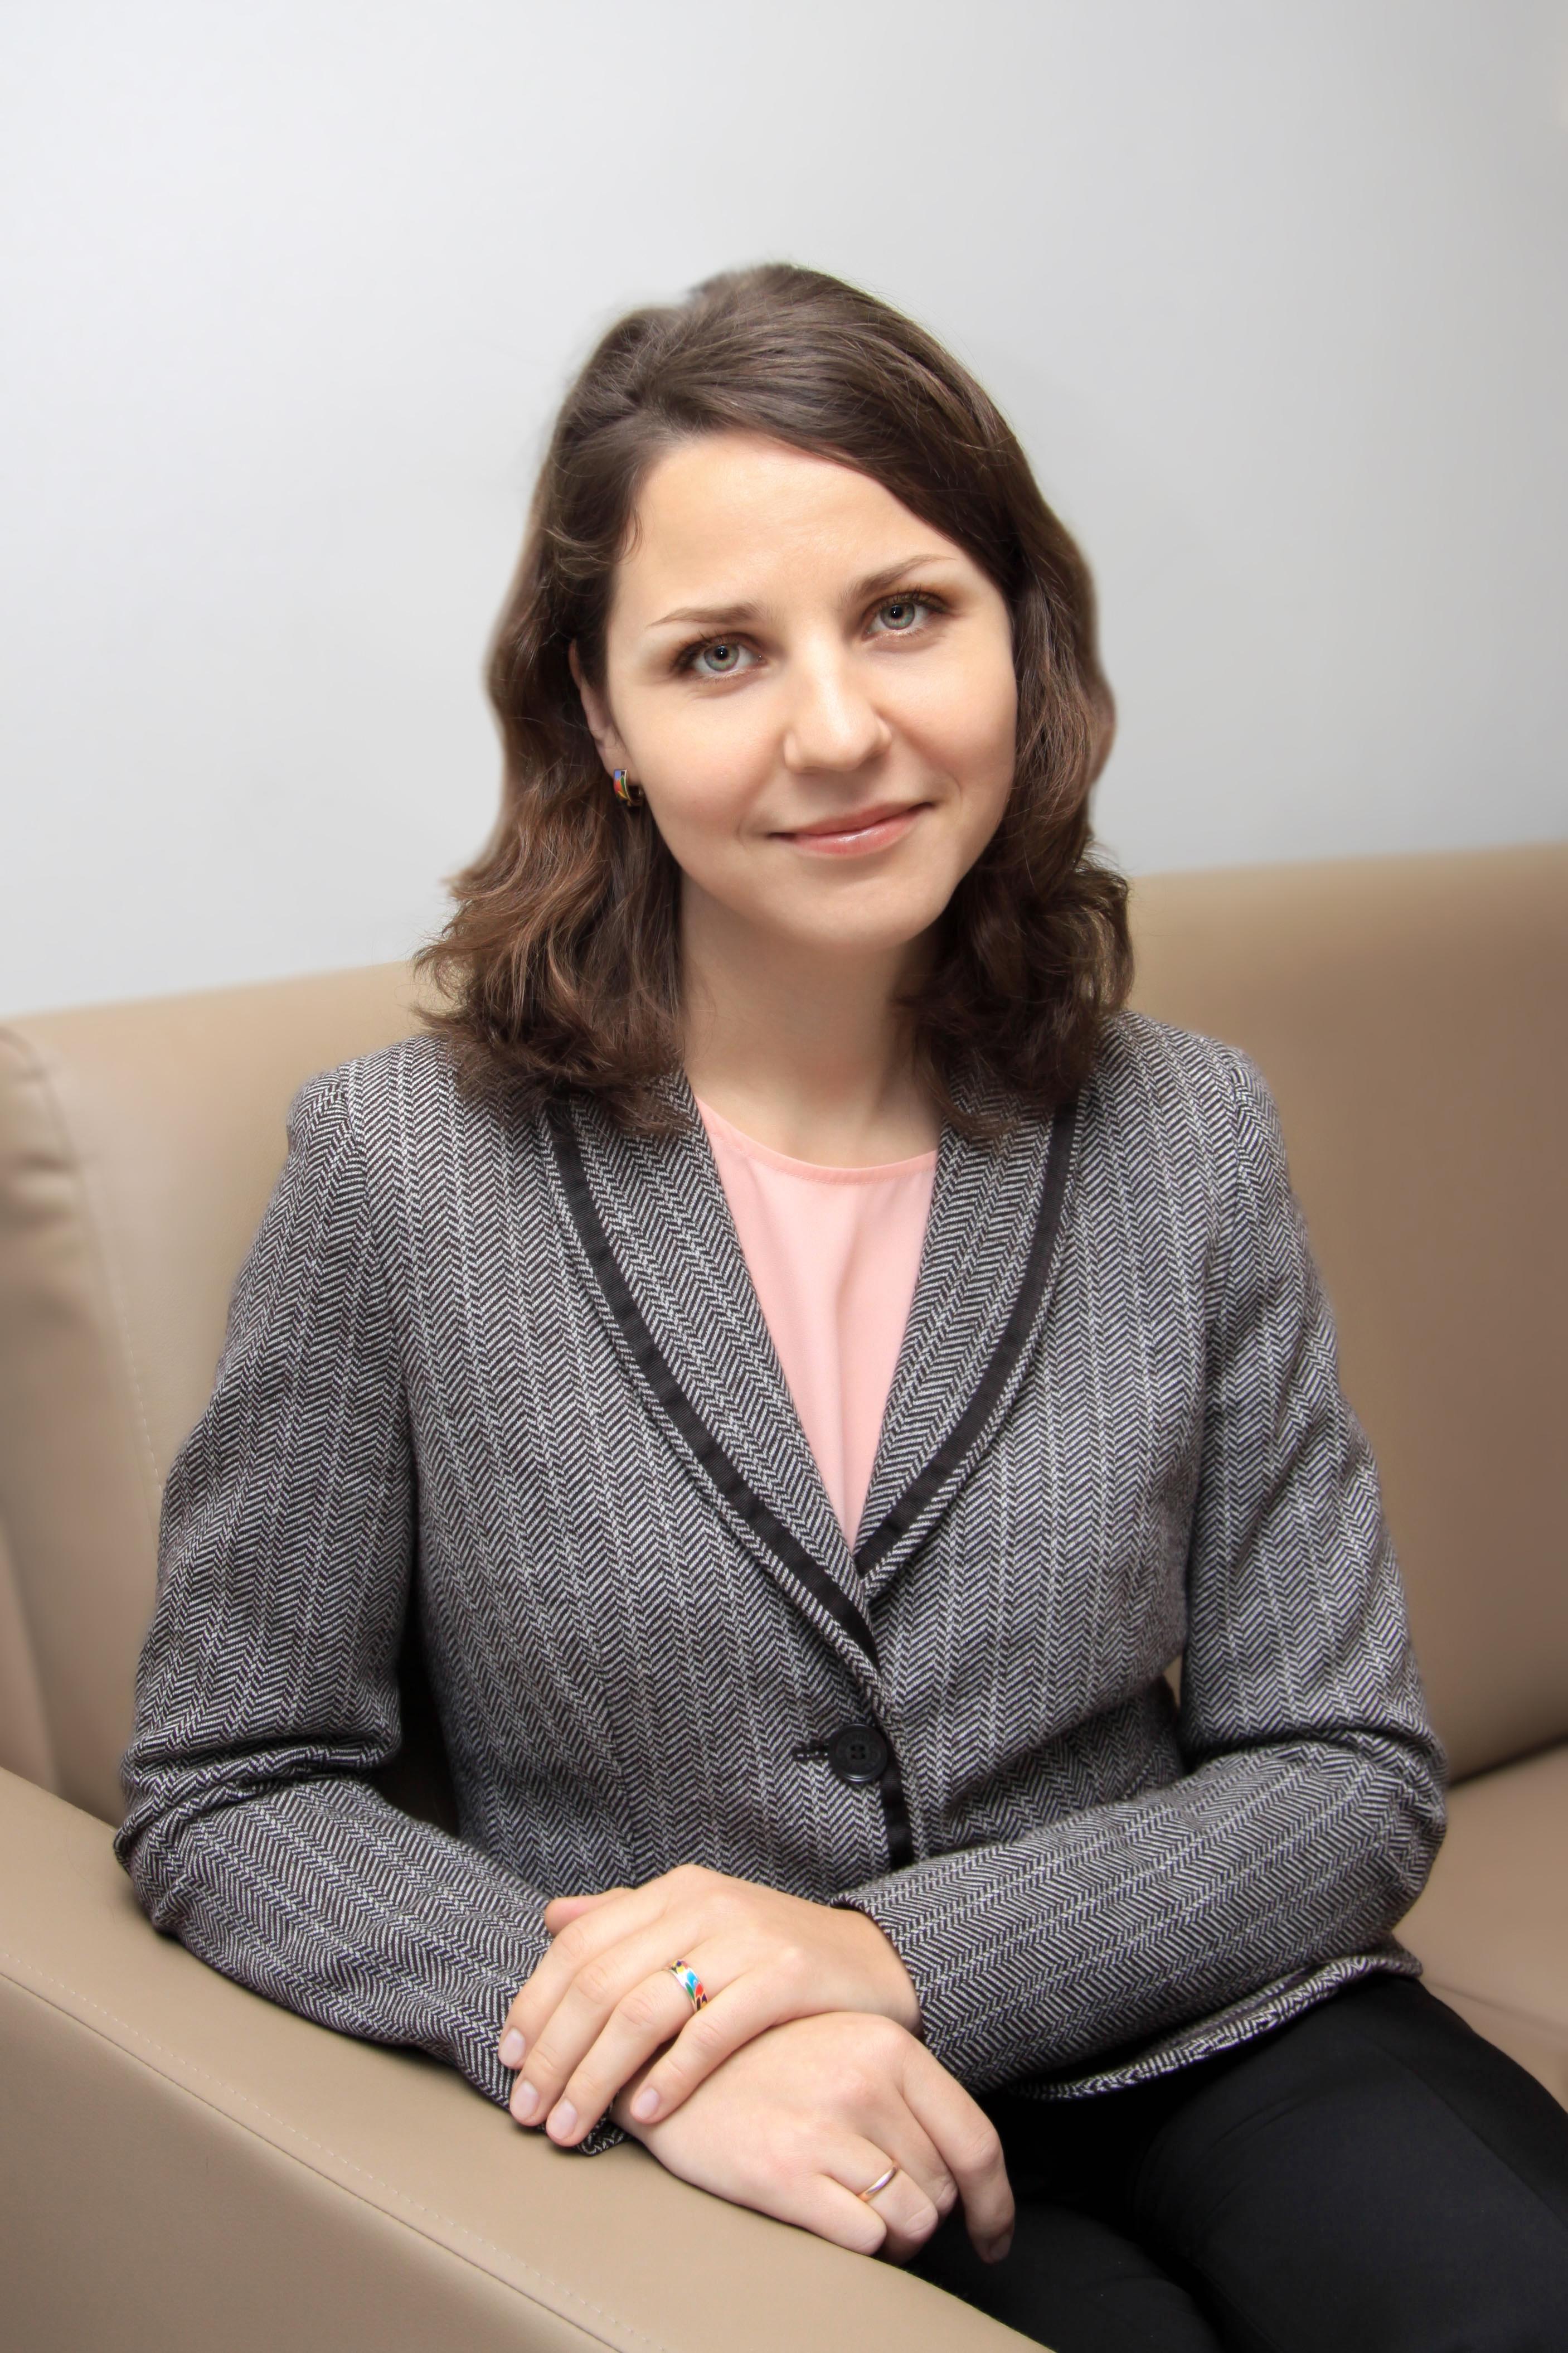 Топузова Мария Петровна, кафедра неврологии и психиатрии